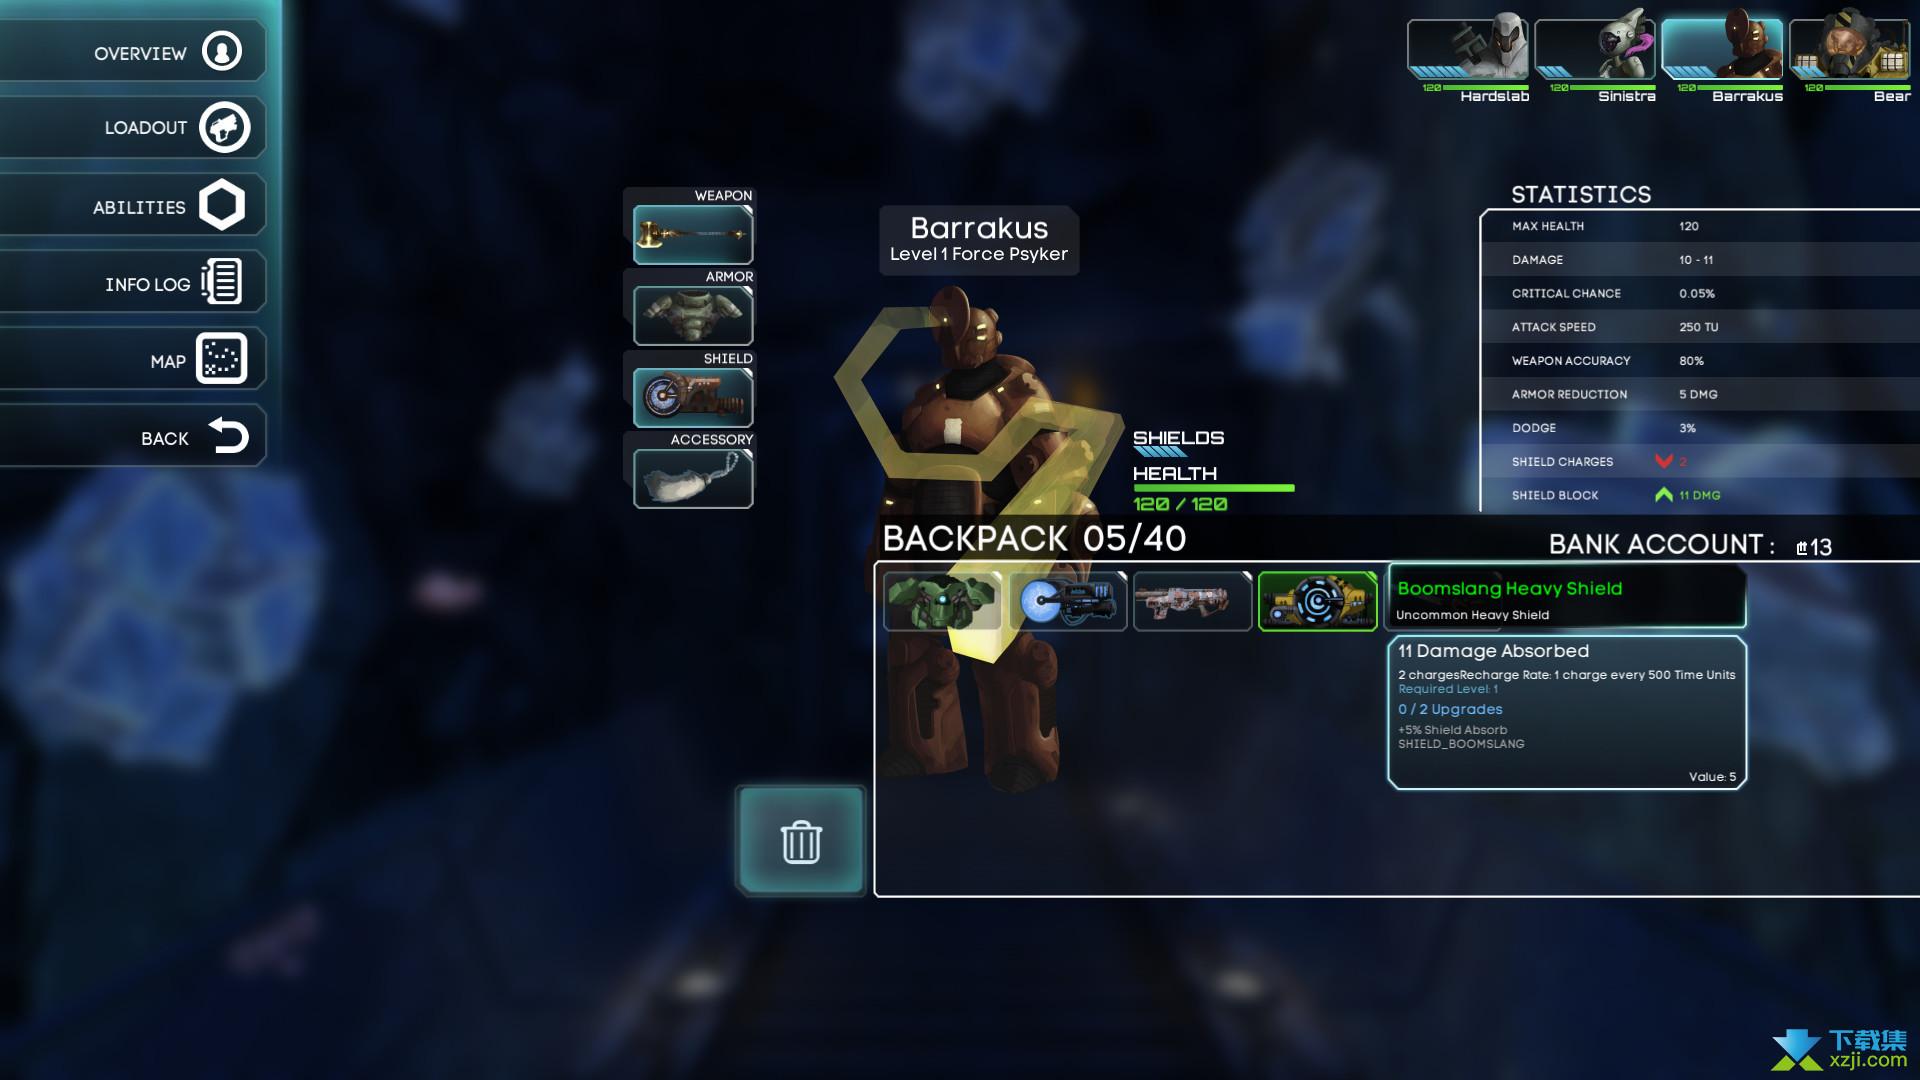 星际爬行者游戏界面2